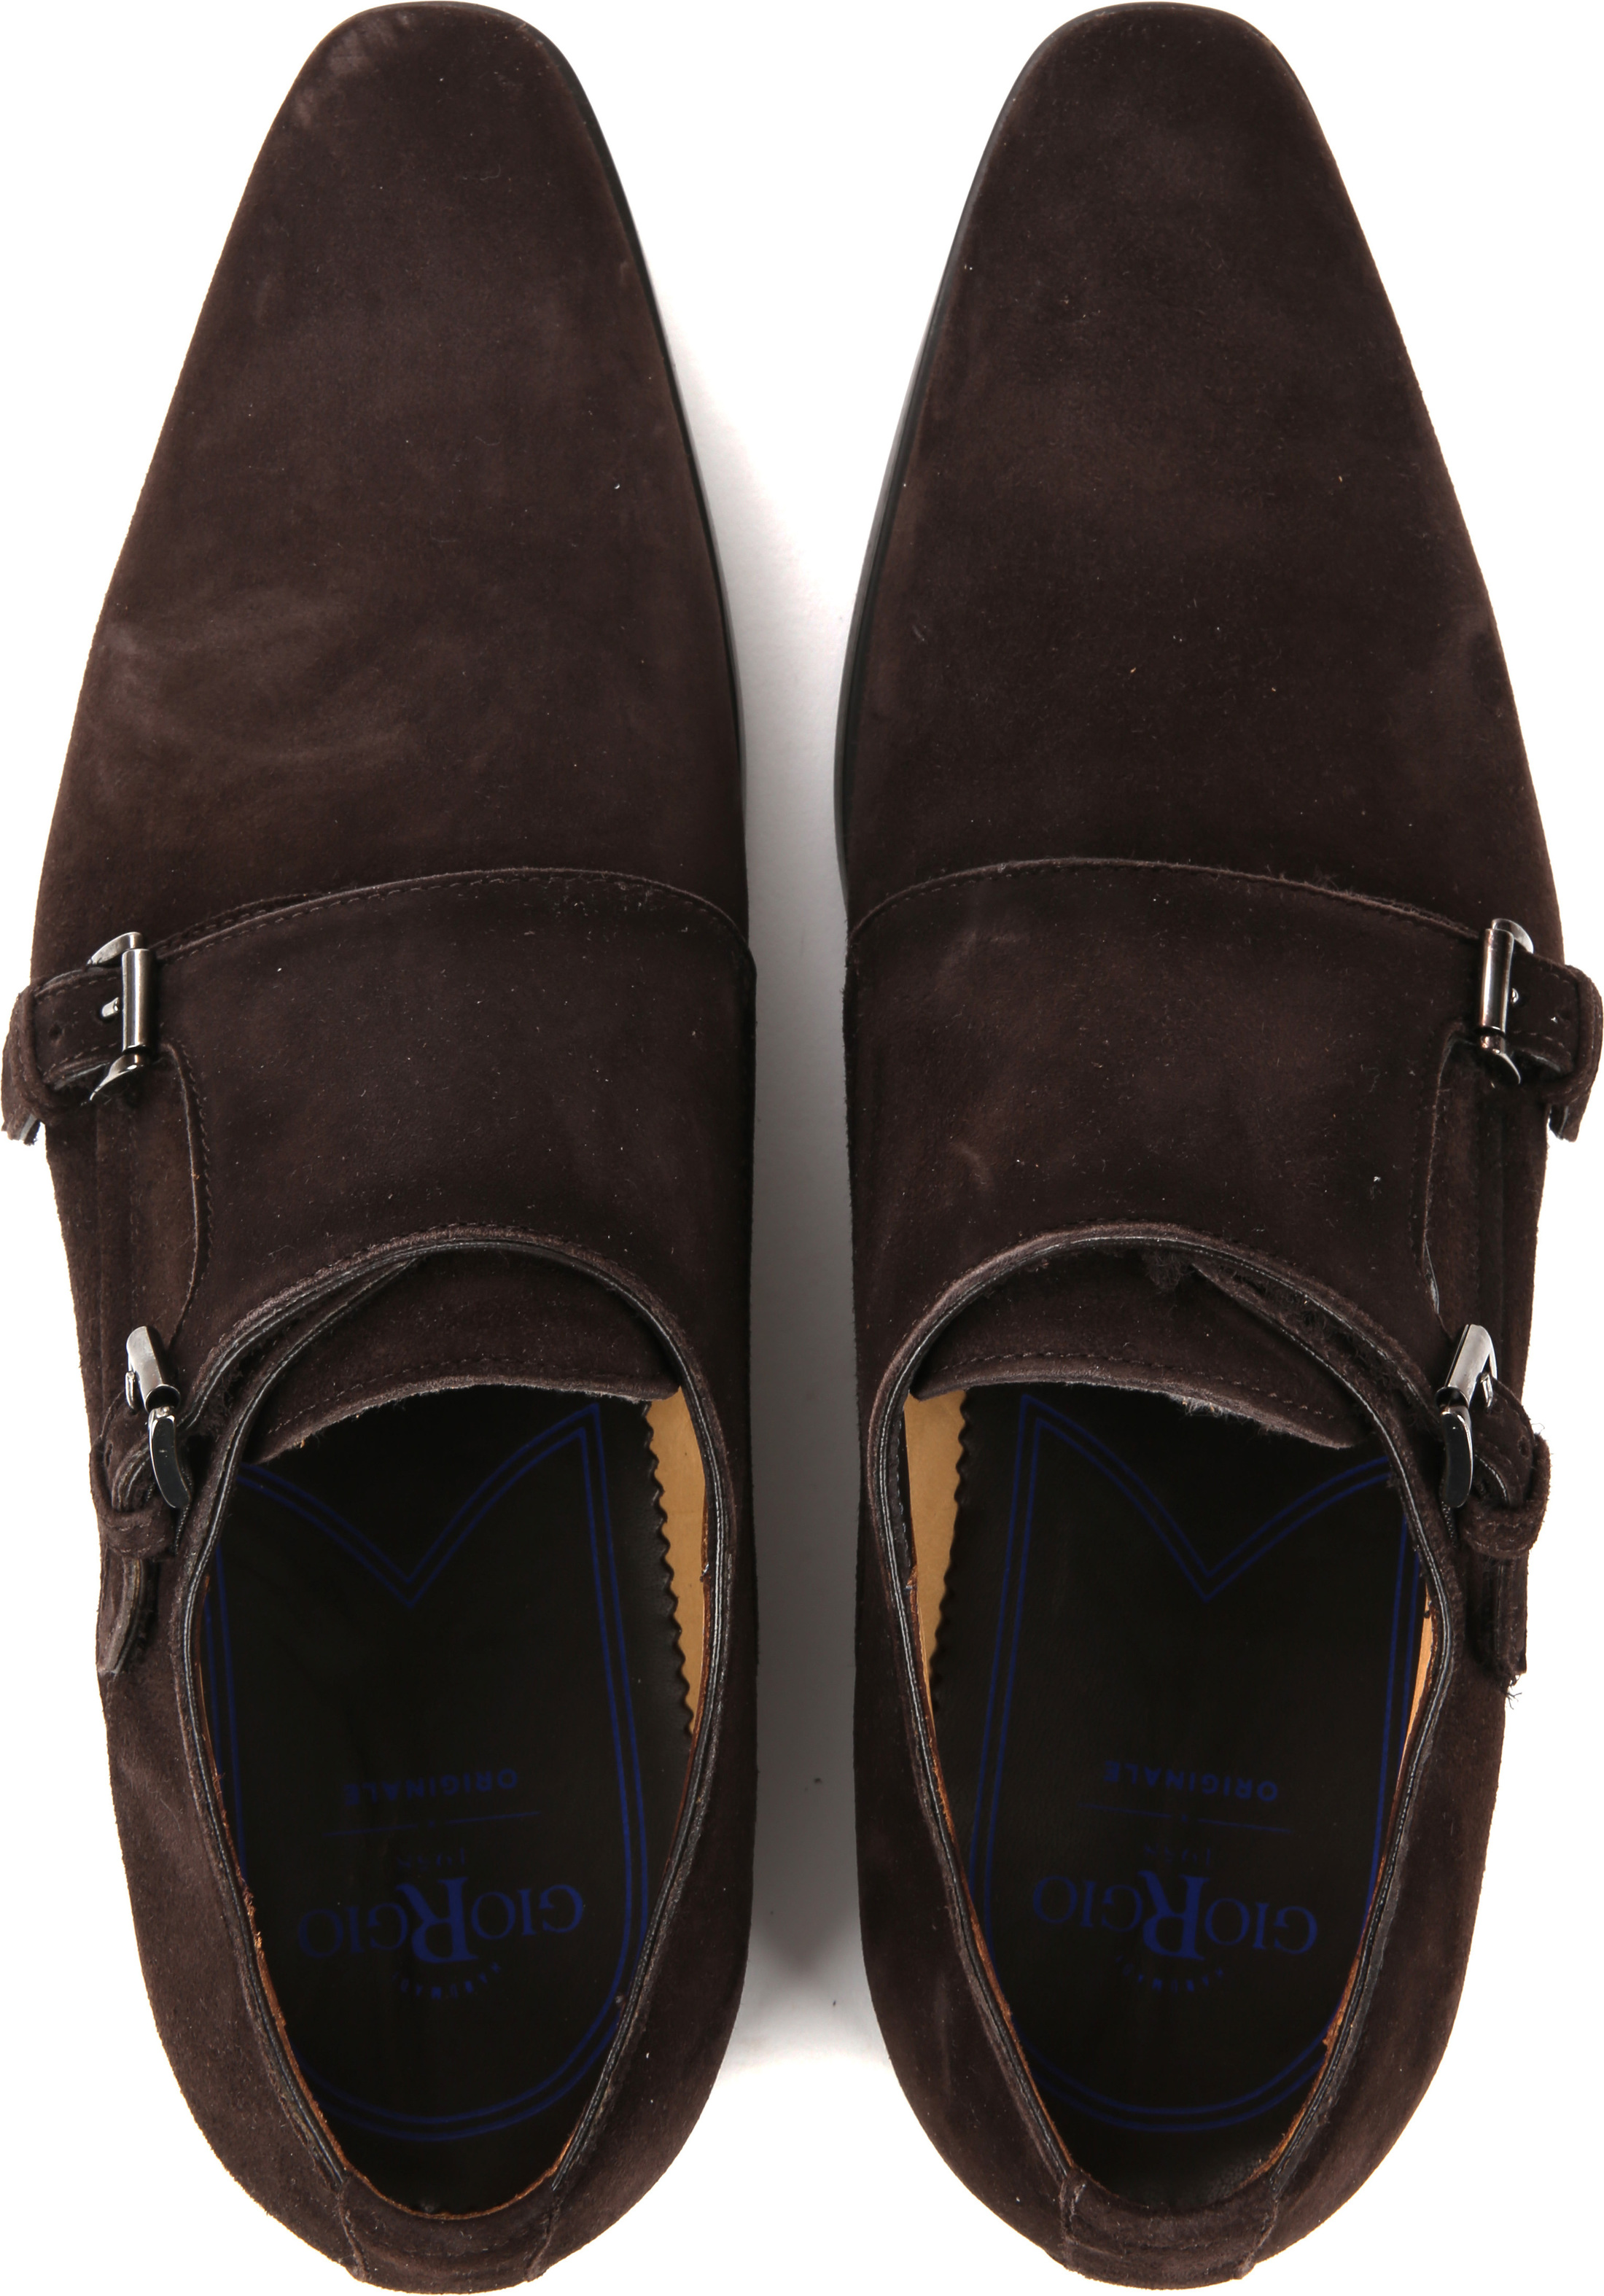 Giorgio Amalfi Shoe Monk Strap Brown Suede foto 4